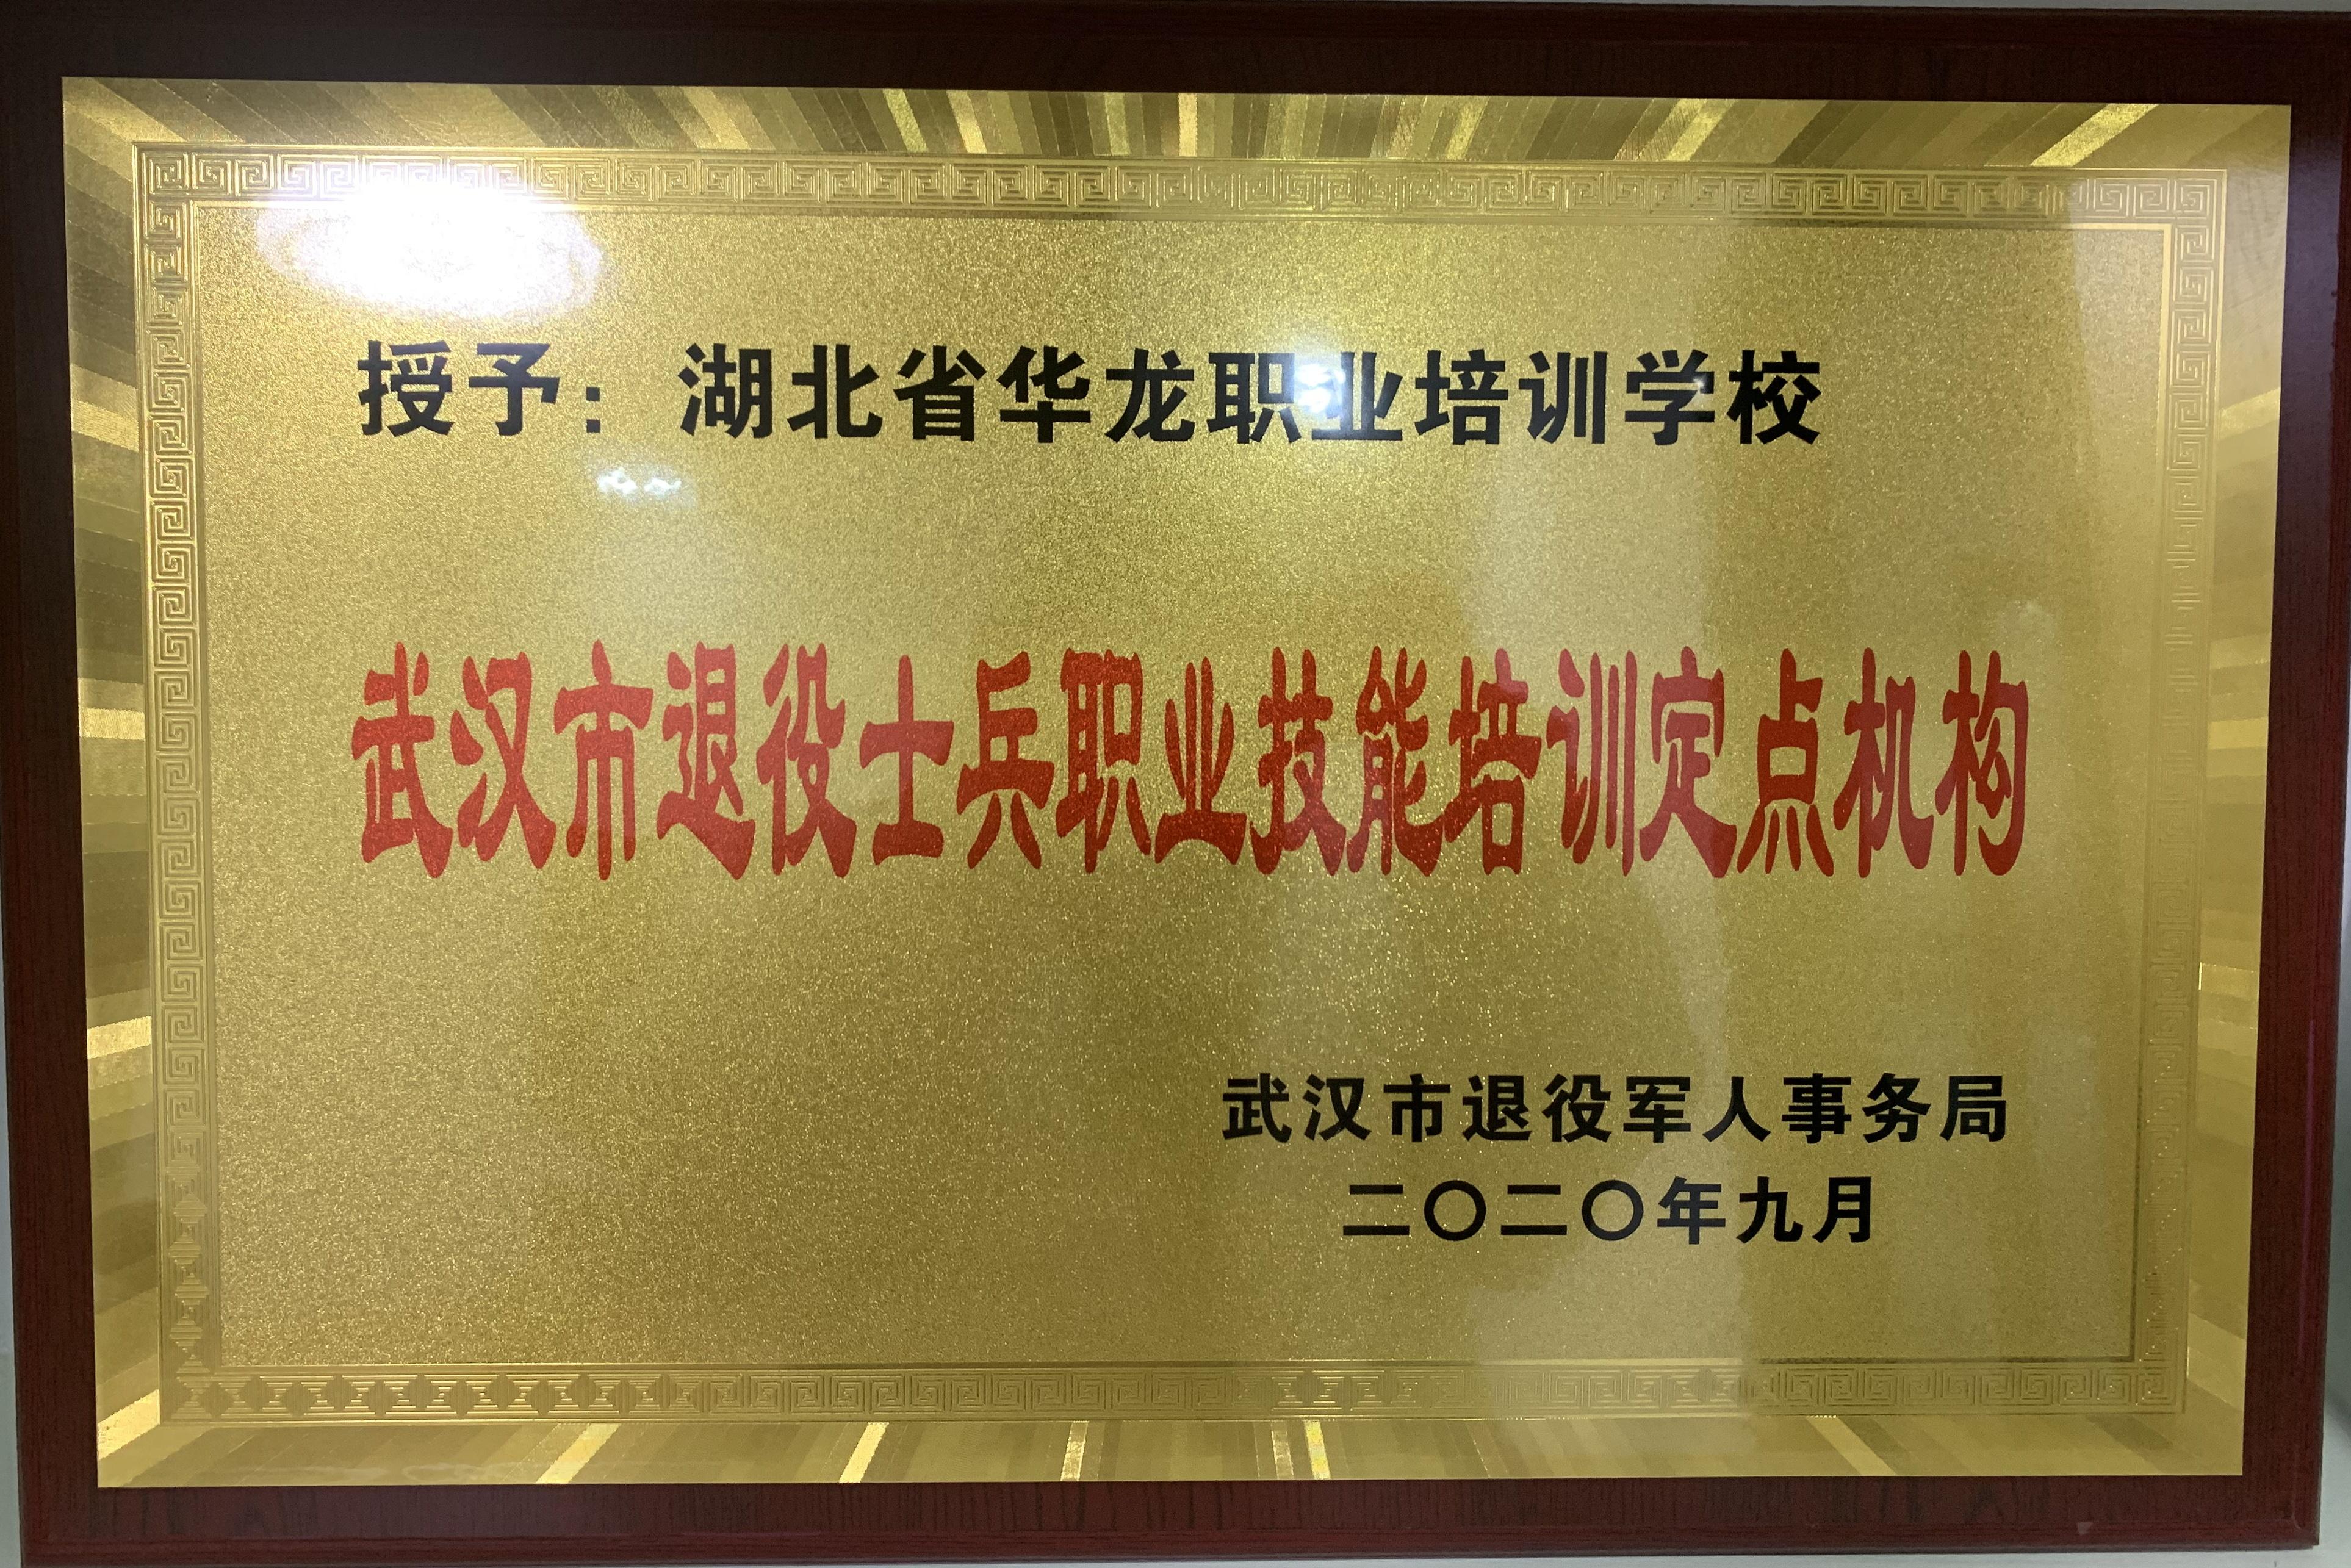 武汉市退役士兵职业技能培训定点机构